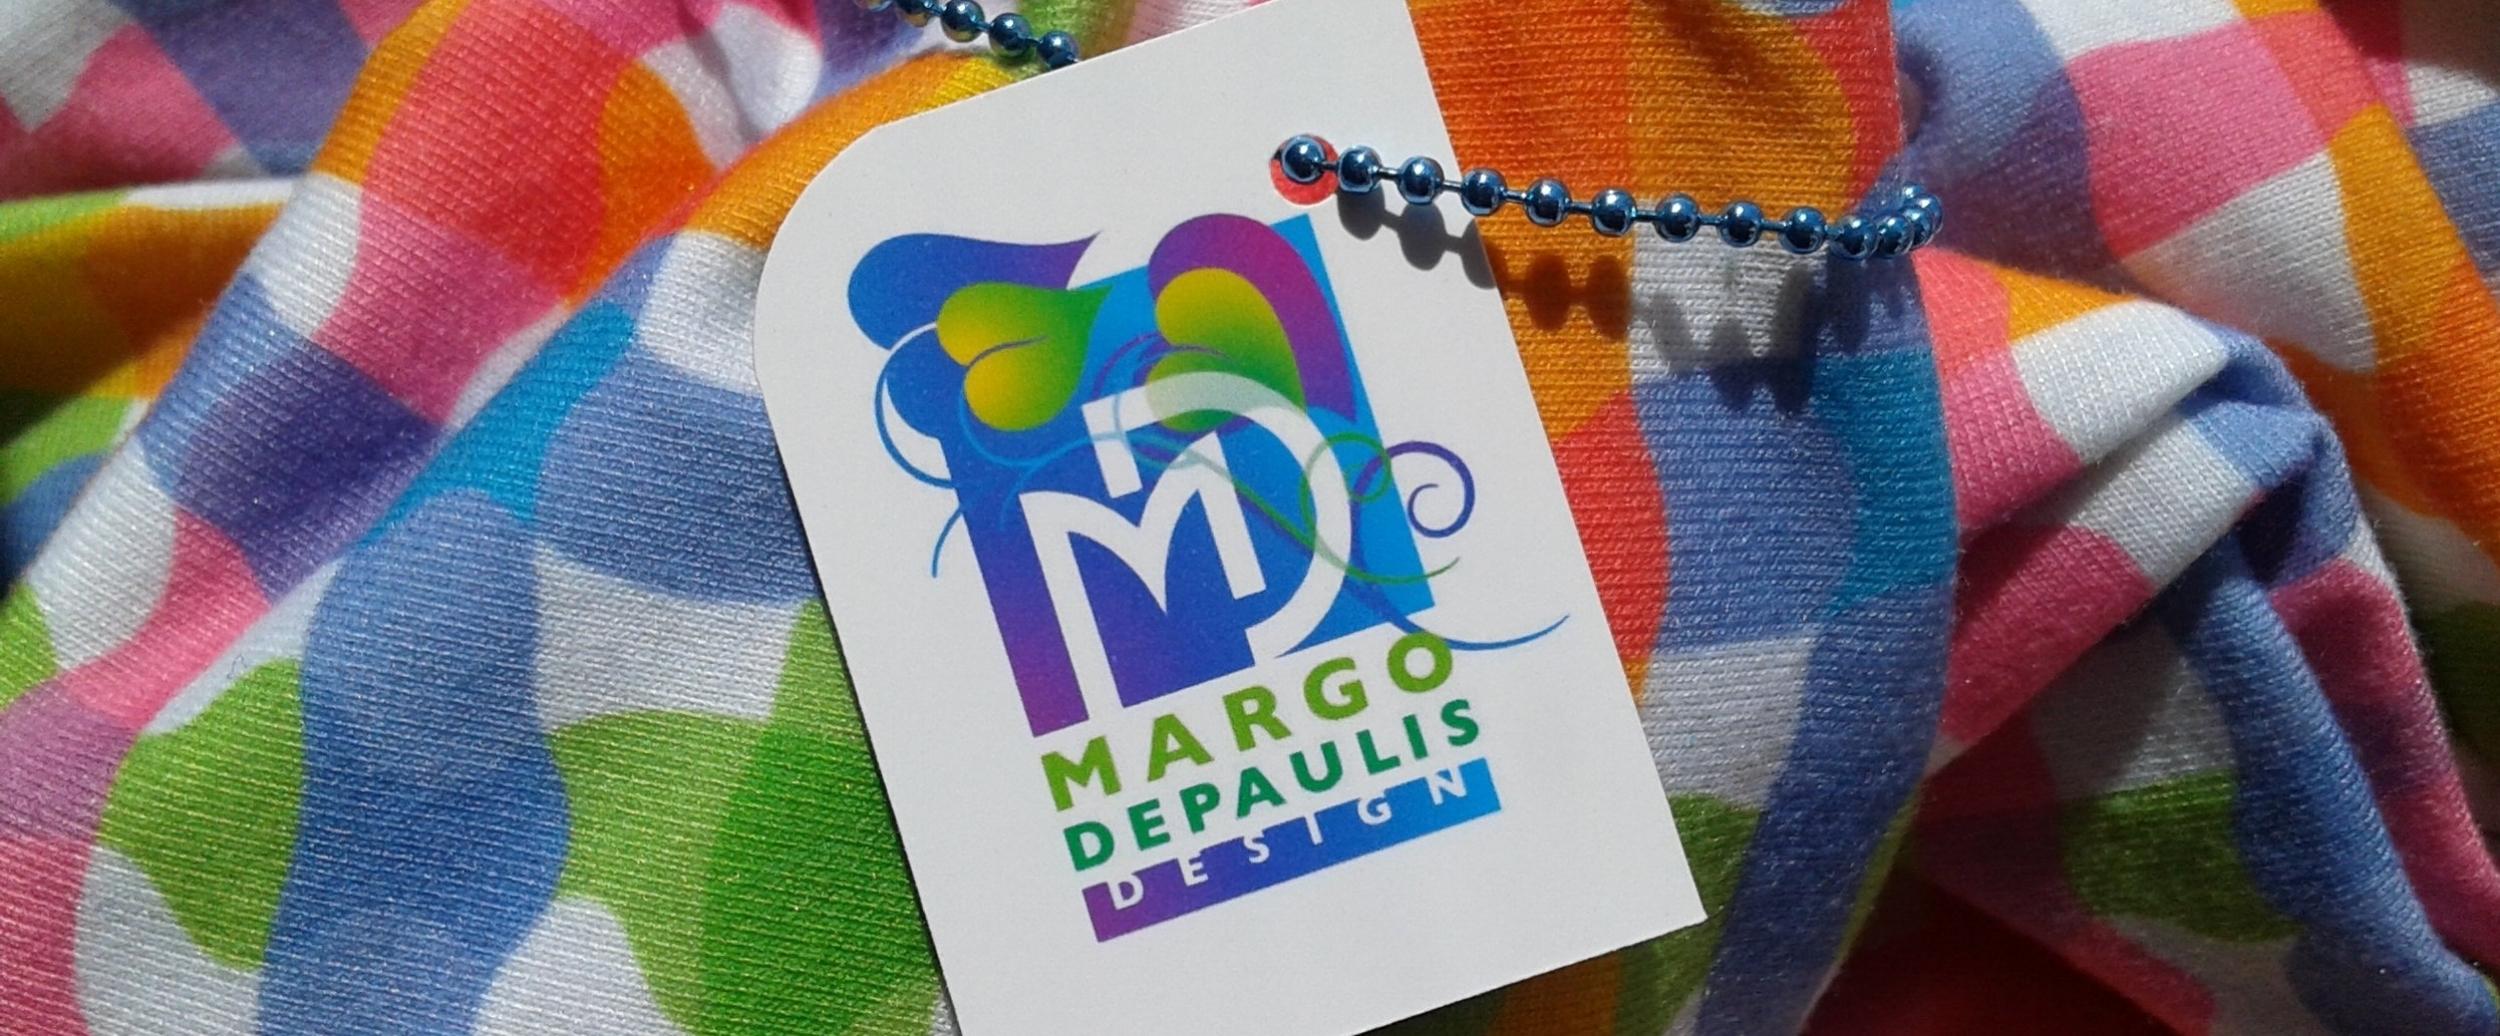 Margo DePaulis hangtag.jpg